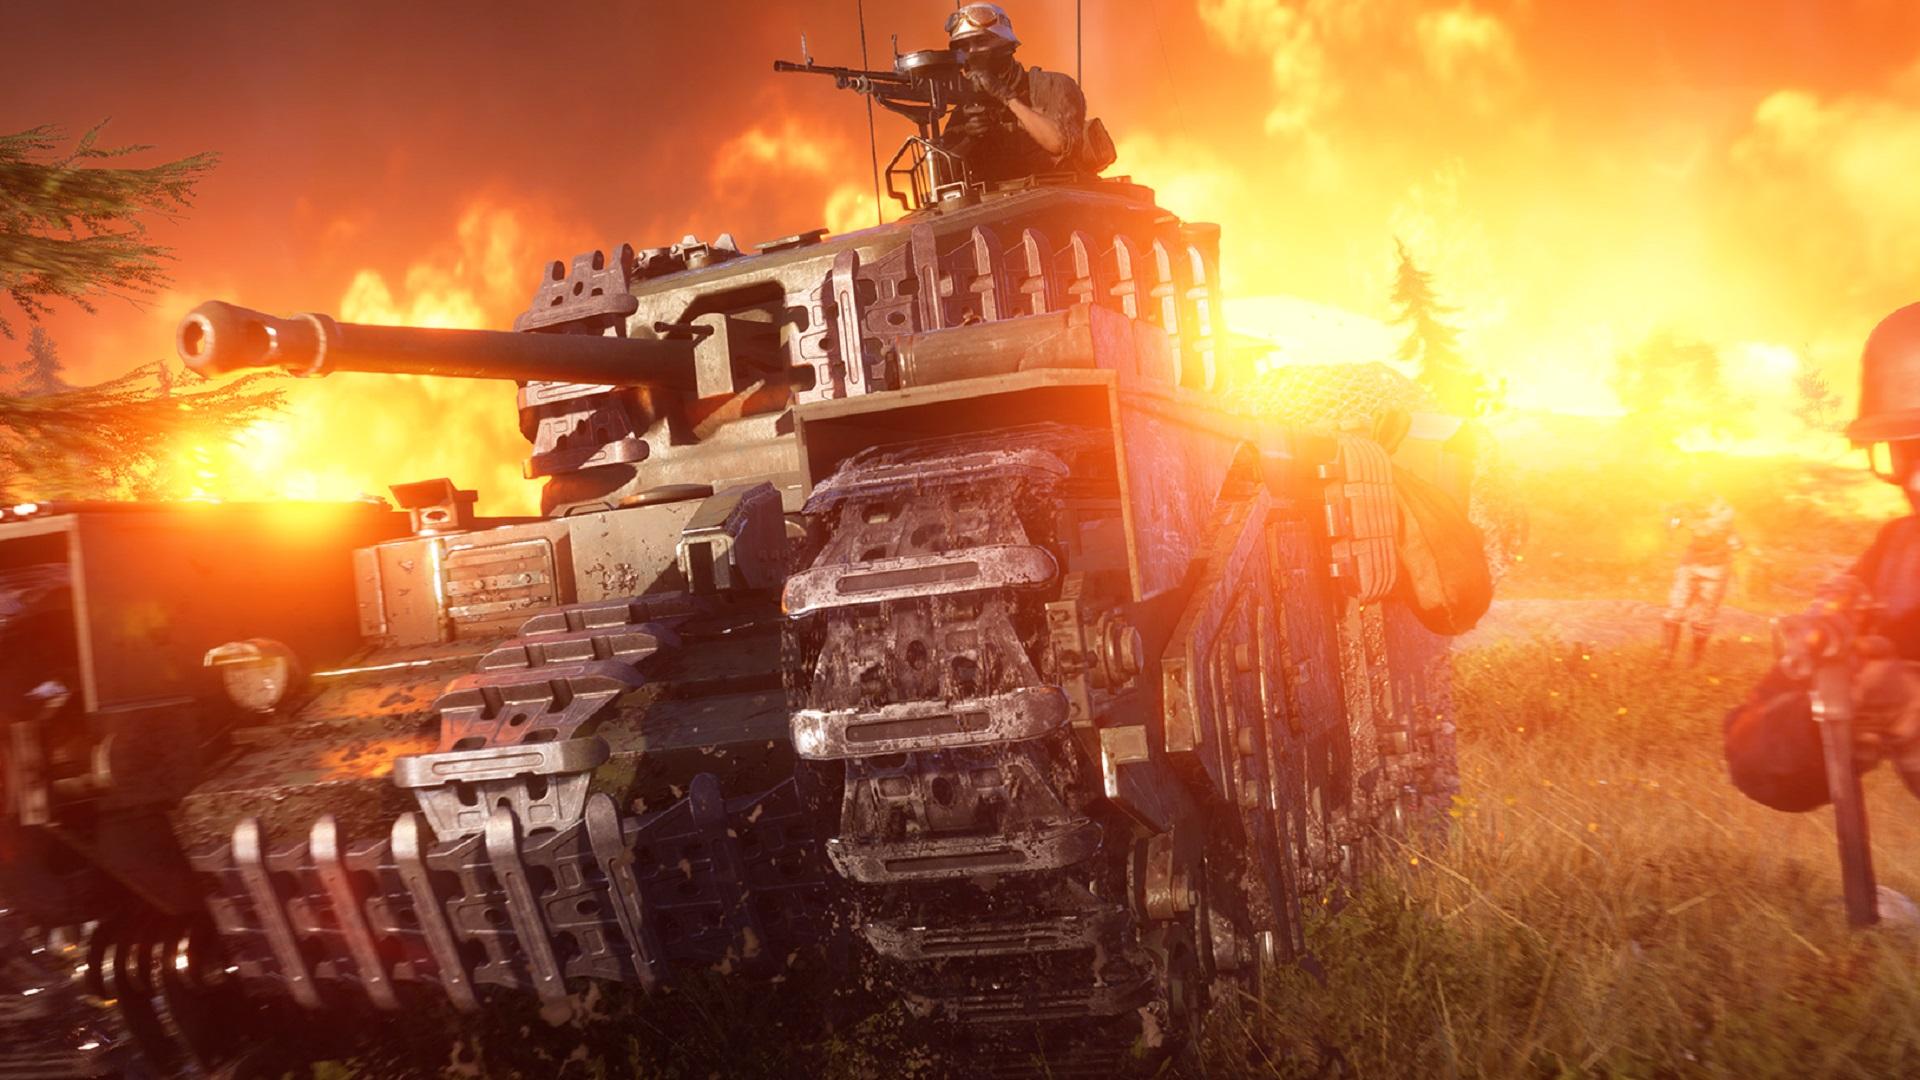 Tank in Battlefield 5's Firestorm